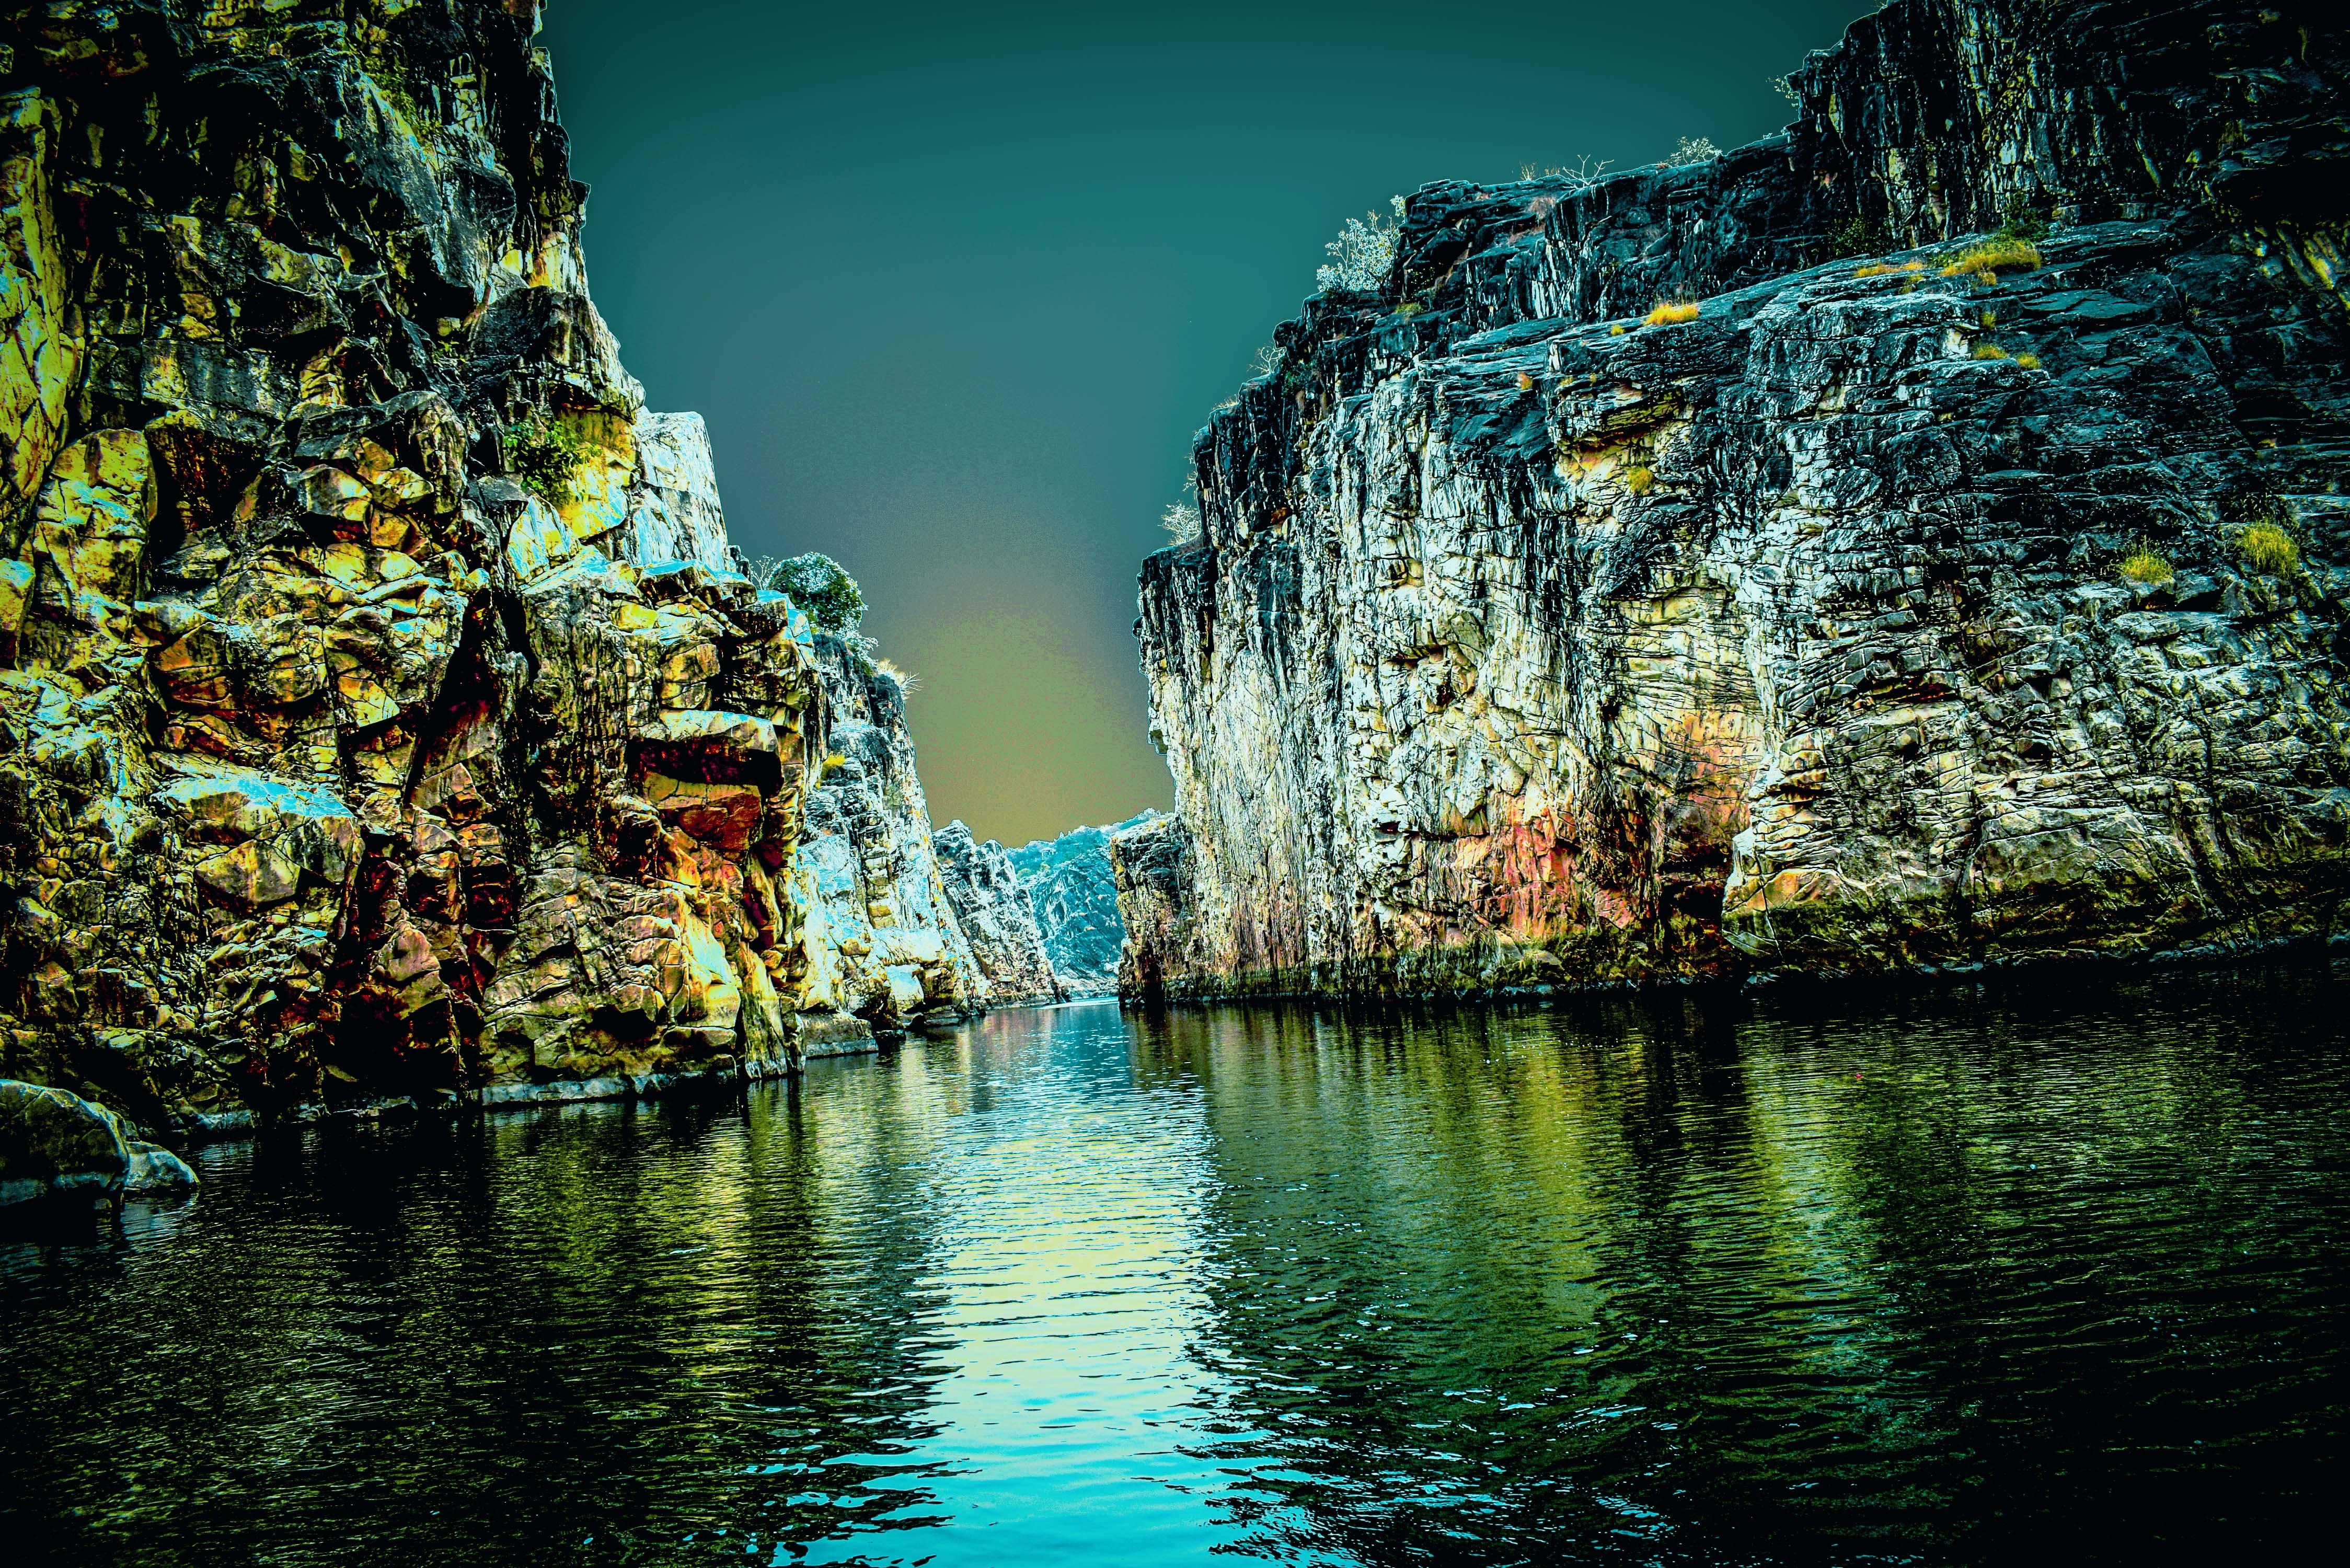 Δωρεάν στοκ φωτογραφιών με #marbelrocks #jabalpur #narmada #river #reflection